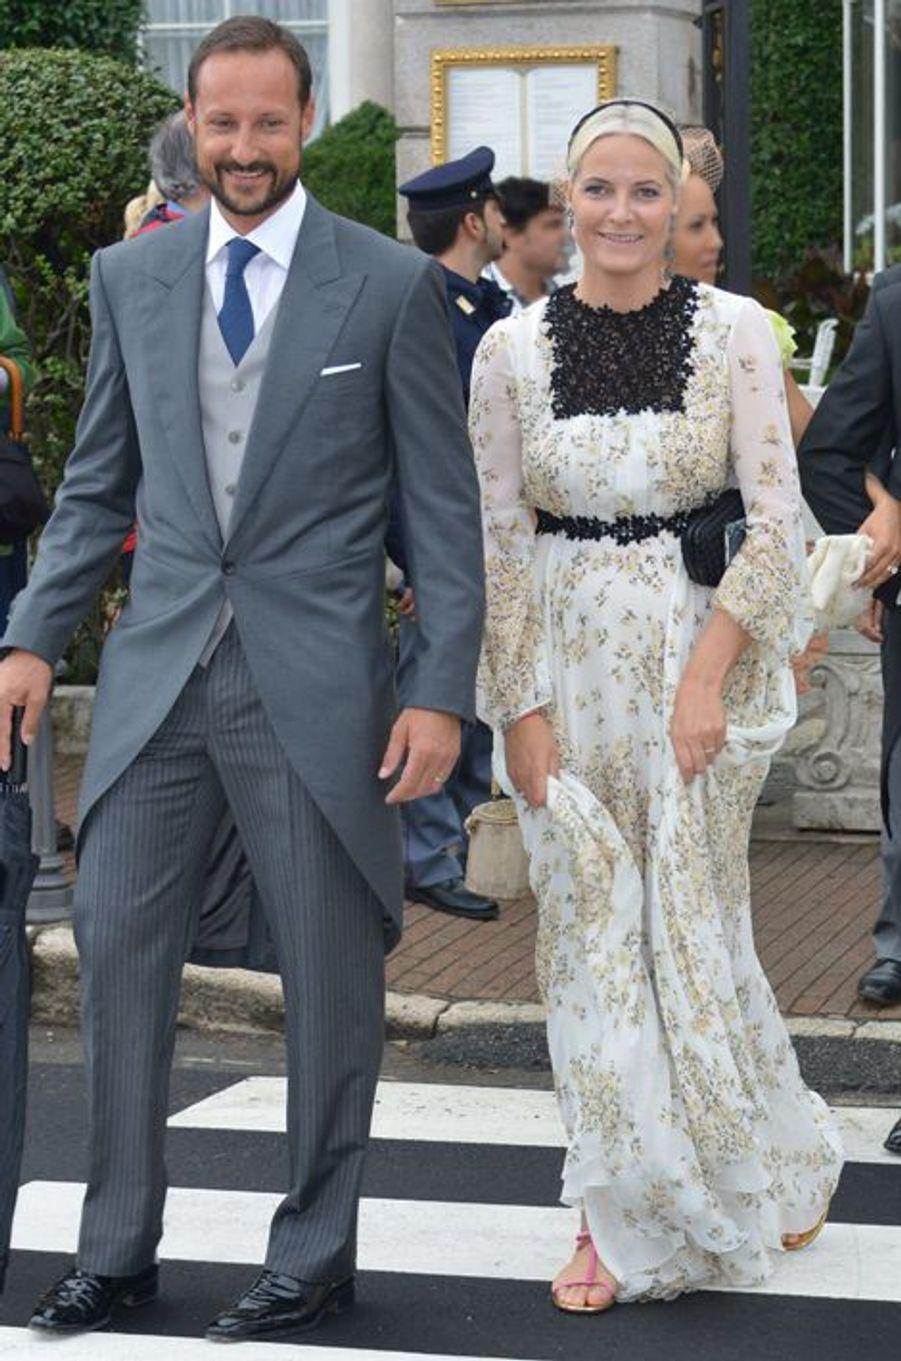 La princesse Mette-Marit et le prince Haakon de Norvège à Stresa, le 1er août 2015